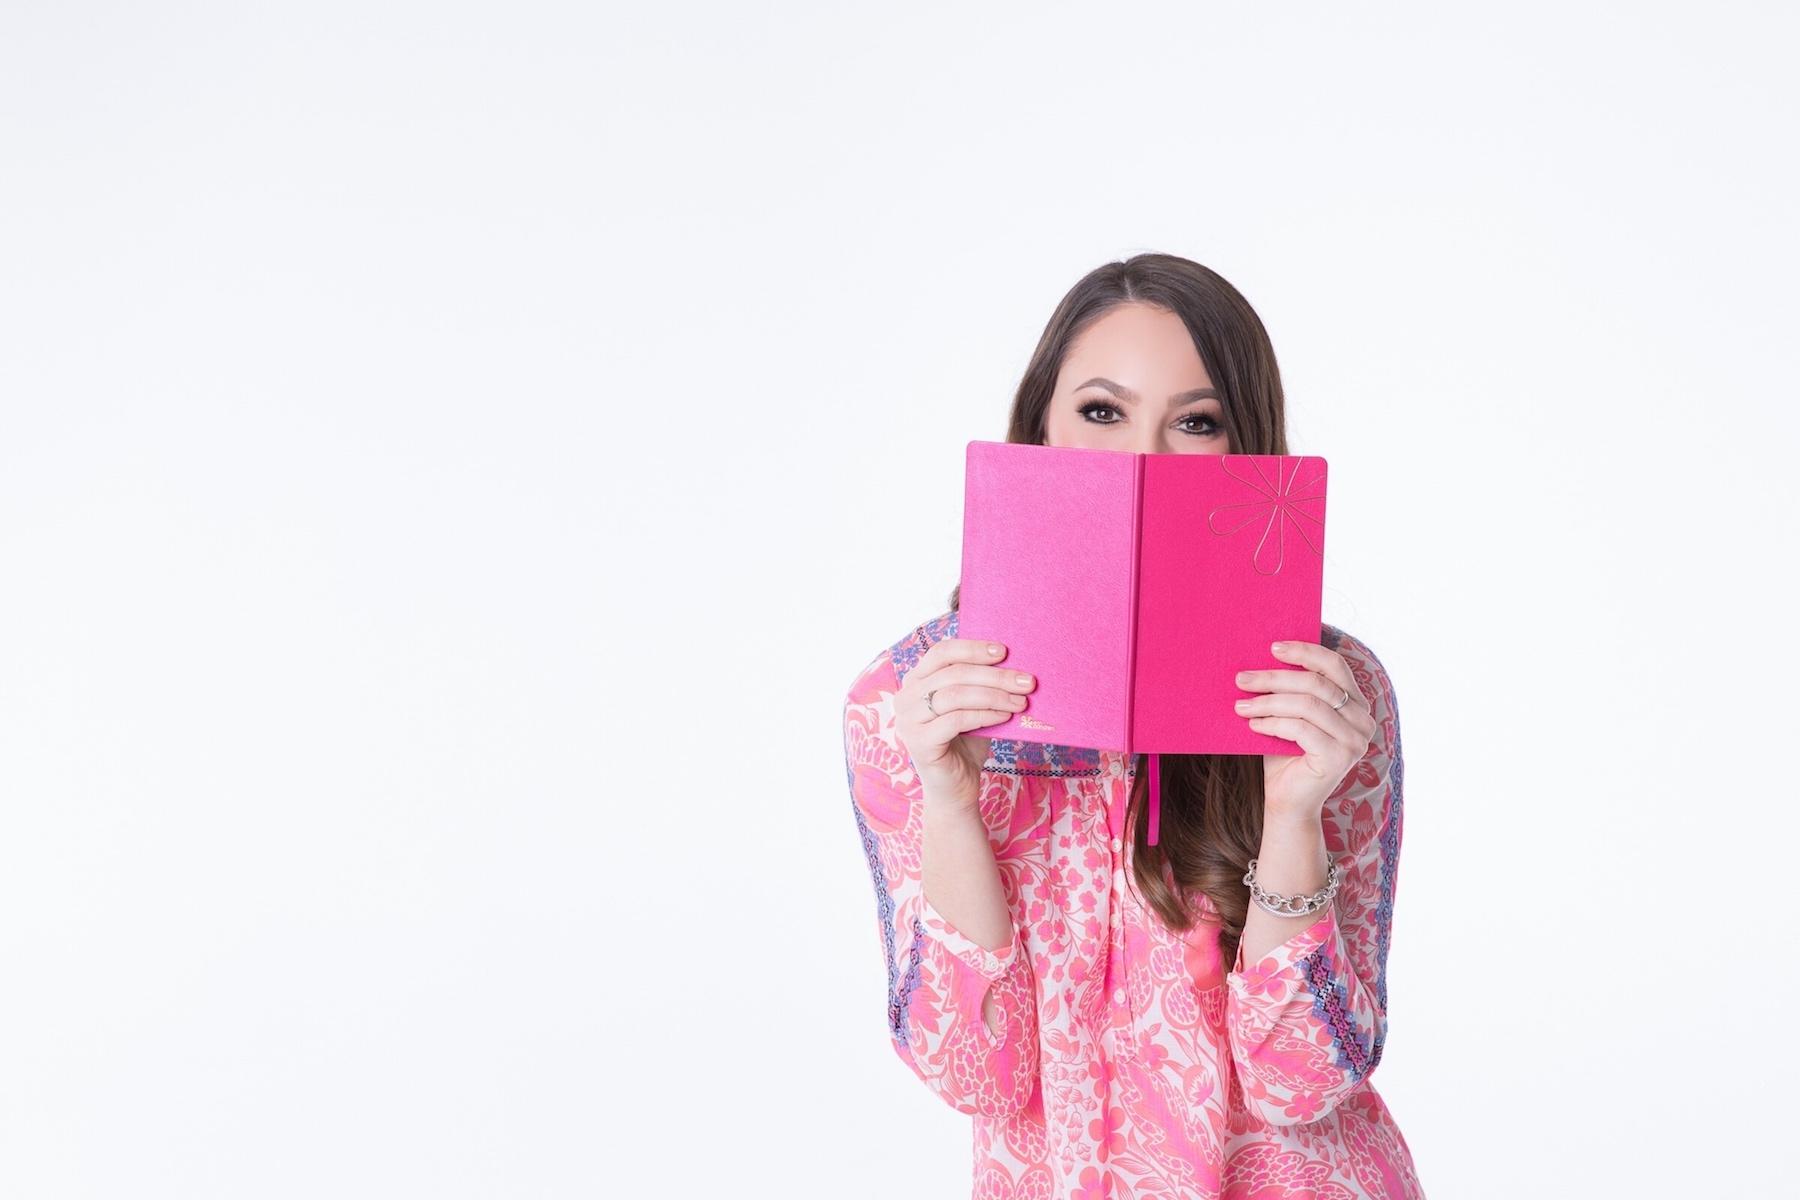 Erin Condren softbound notebooks